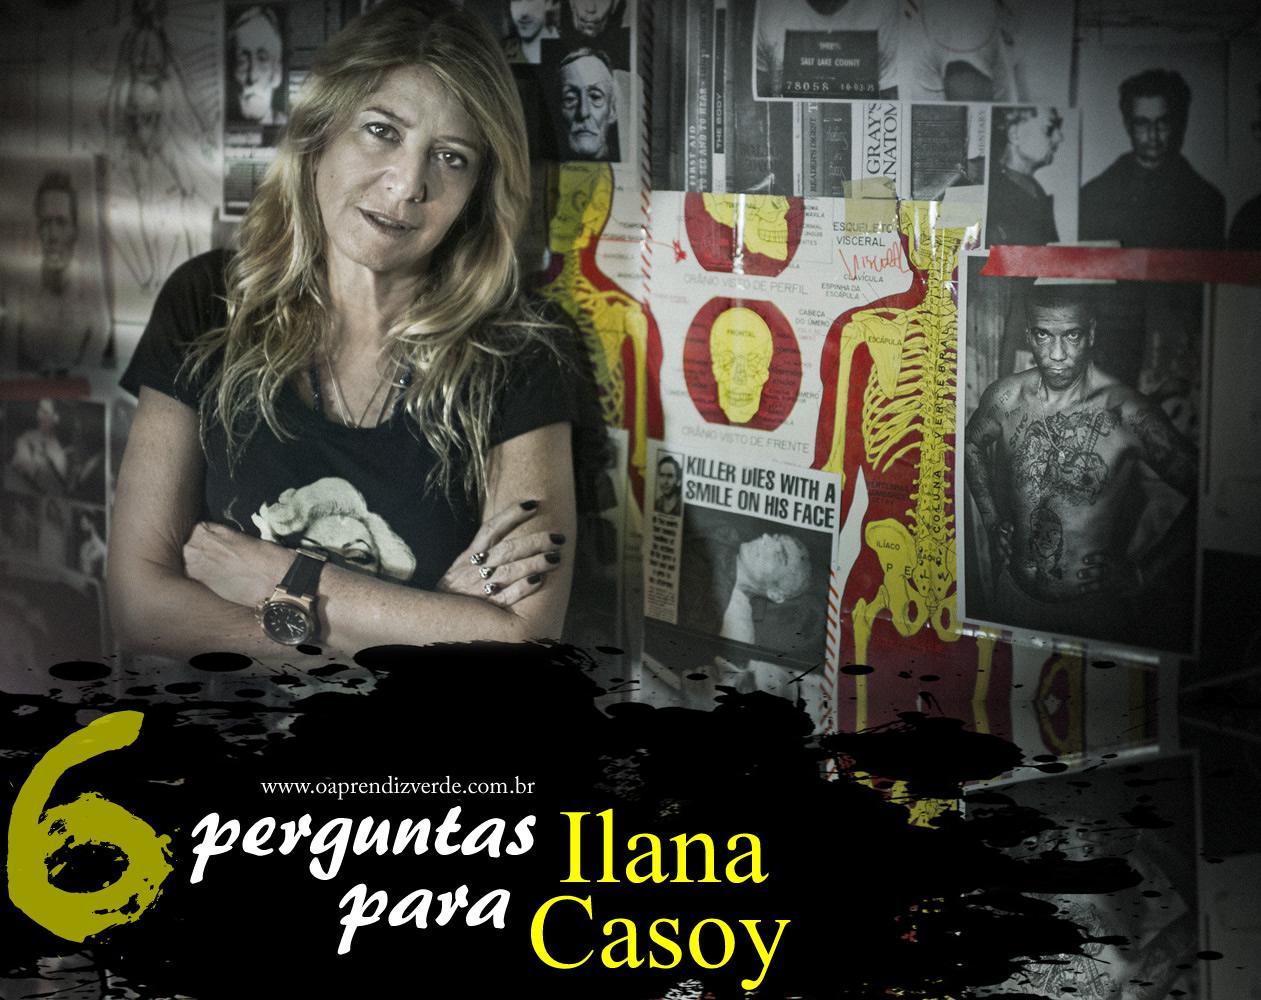 6 Perguntas para Ilana Casoy